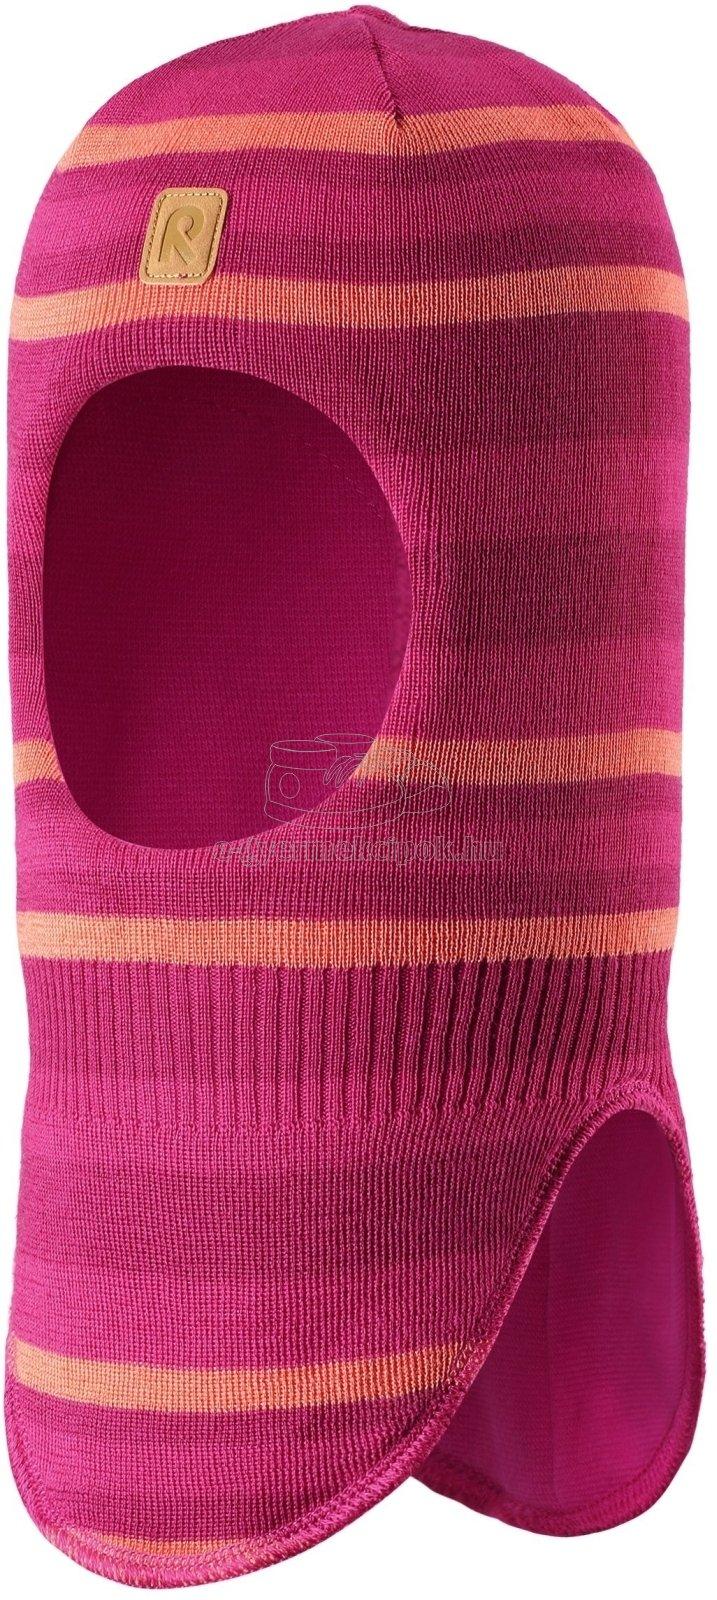 Téli gyerek kámzsa Reima 518528 raspberry pink